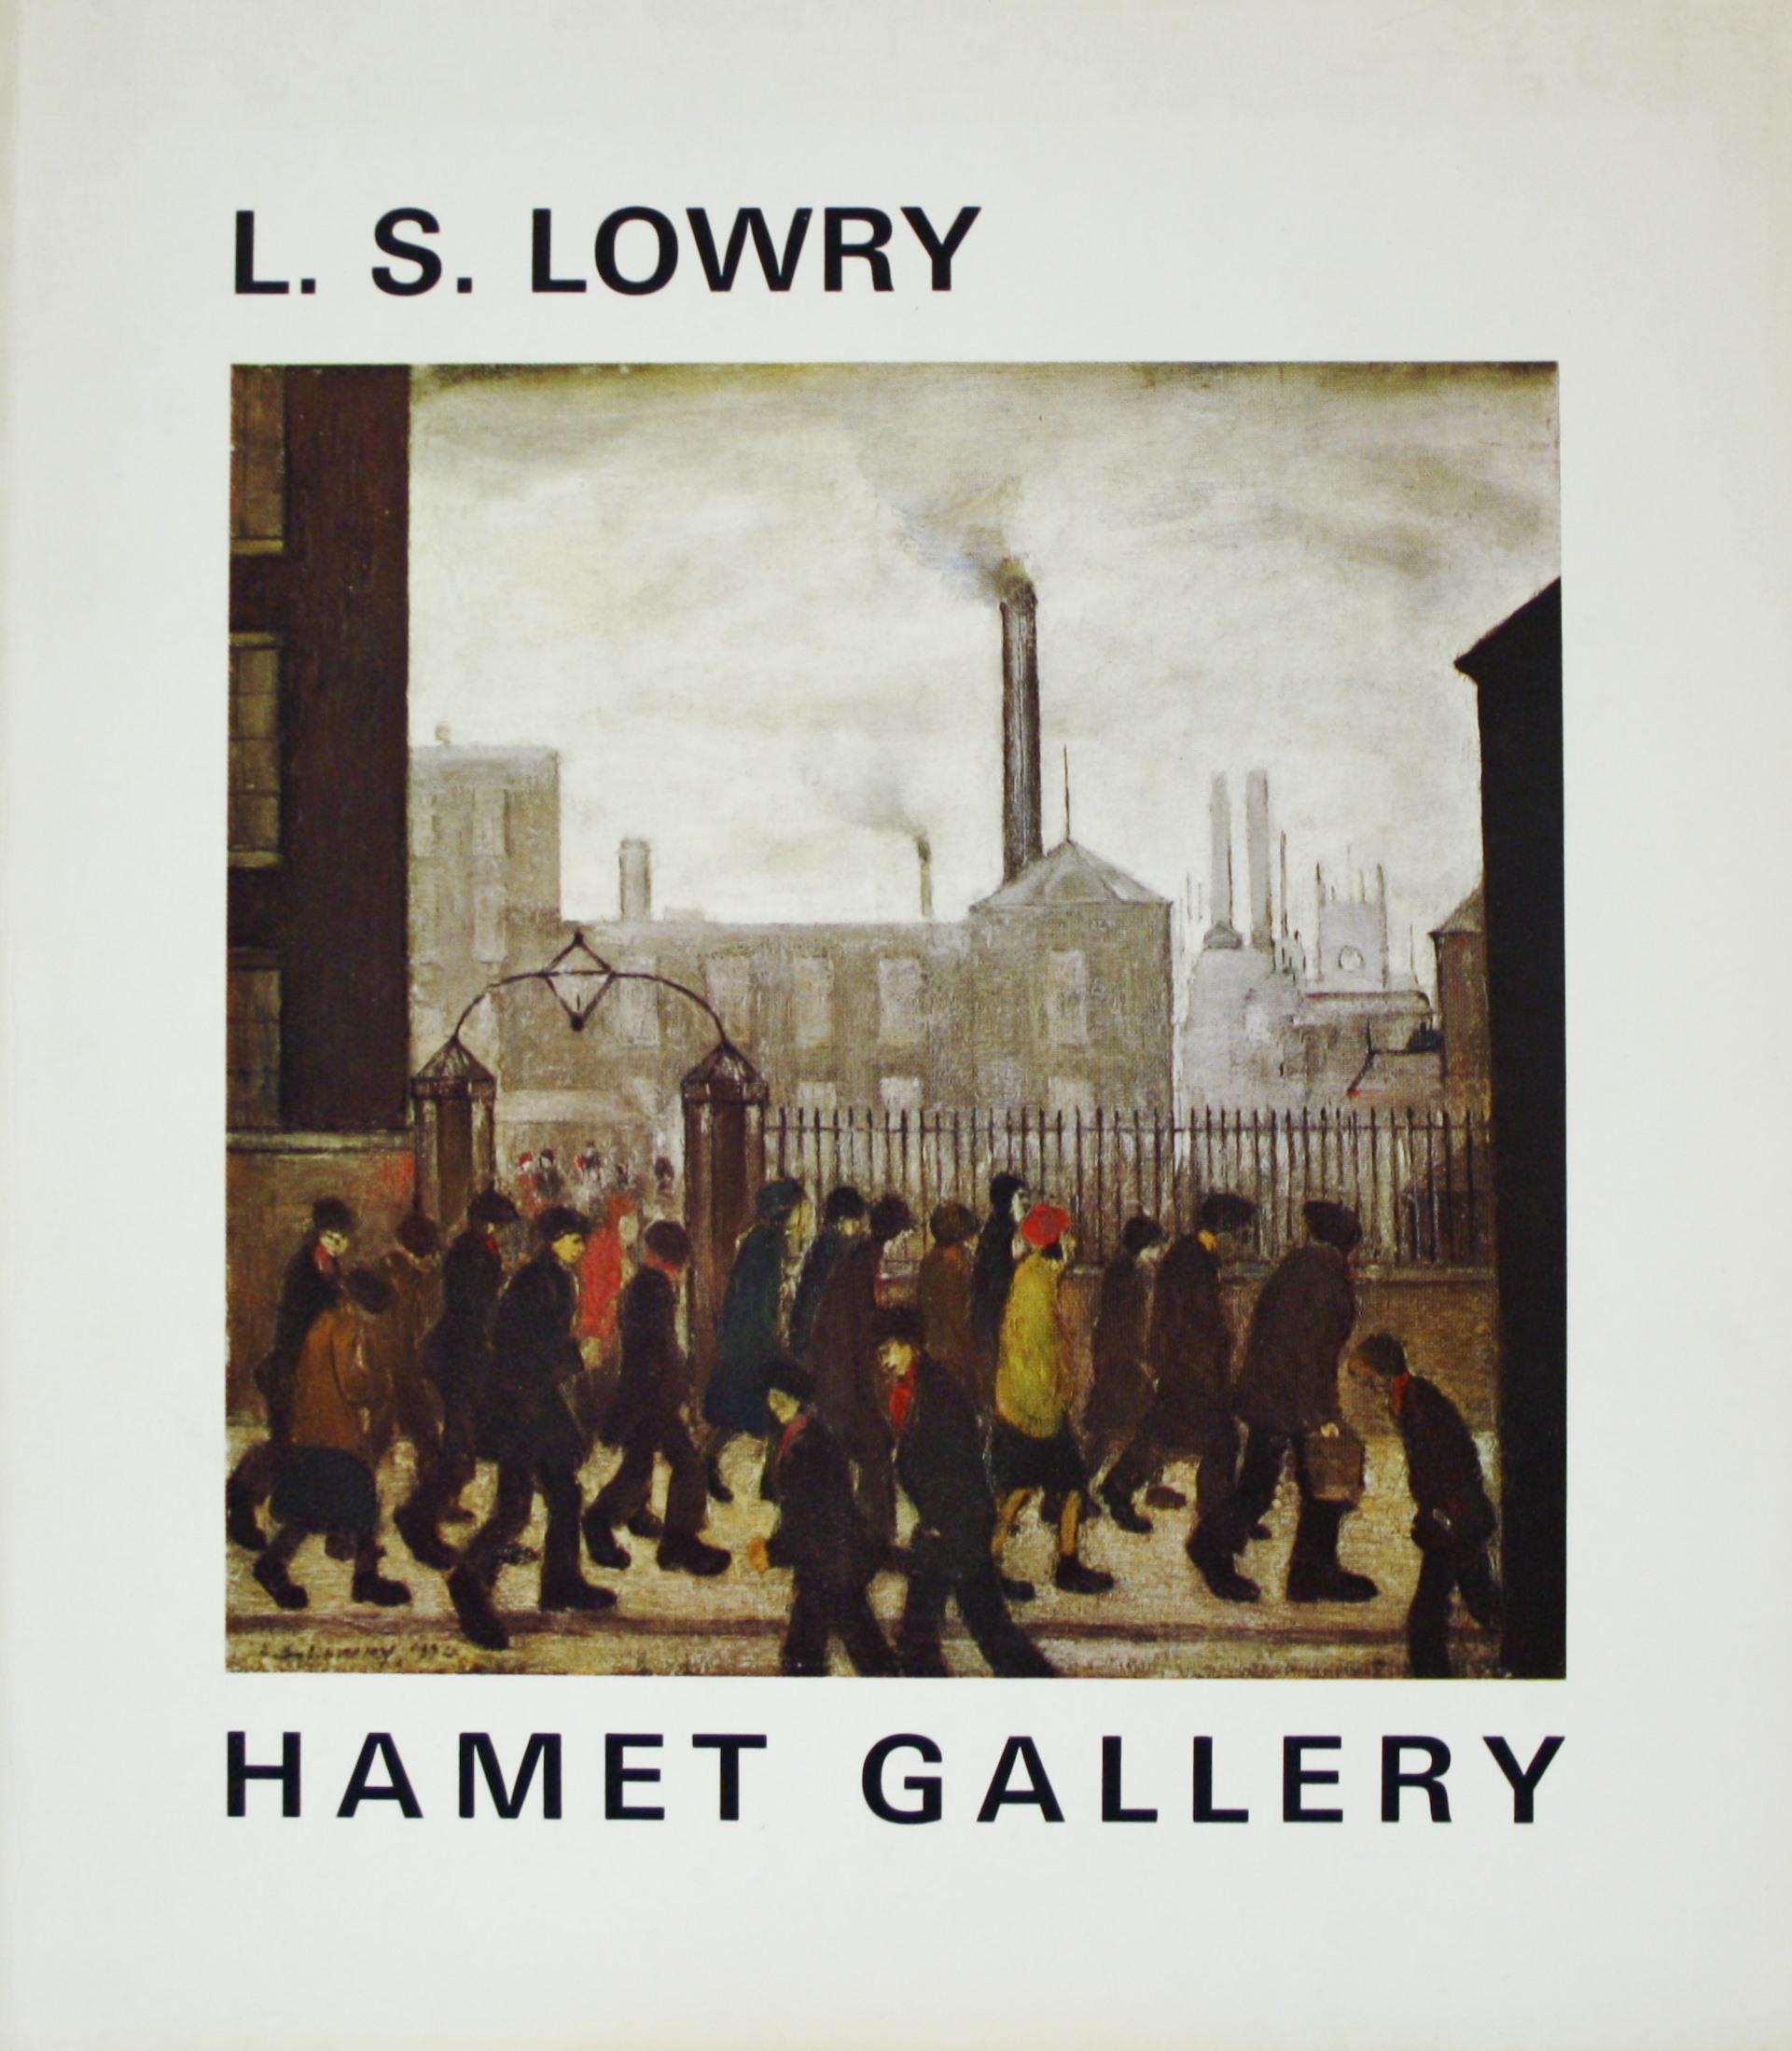 Hamet Gallery